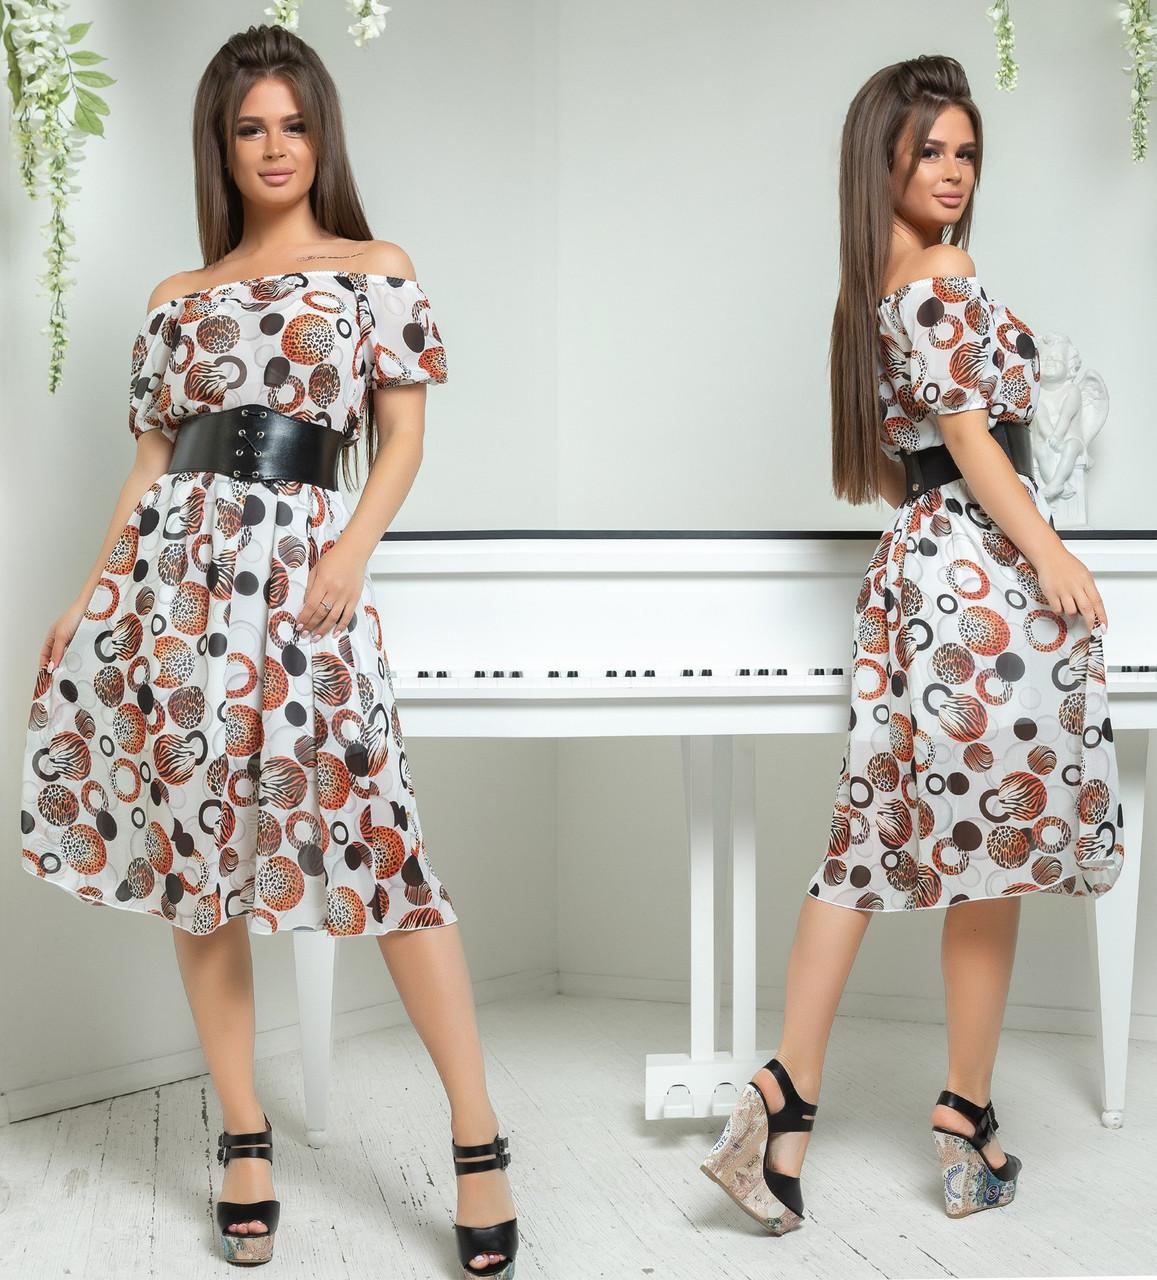 064ecd08f62 Белое шифоновое платье - All You Need - прямой поставщик женской одежды  оптом и в розницу